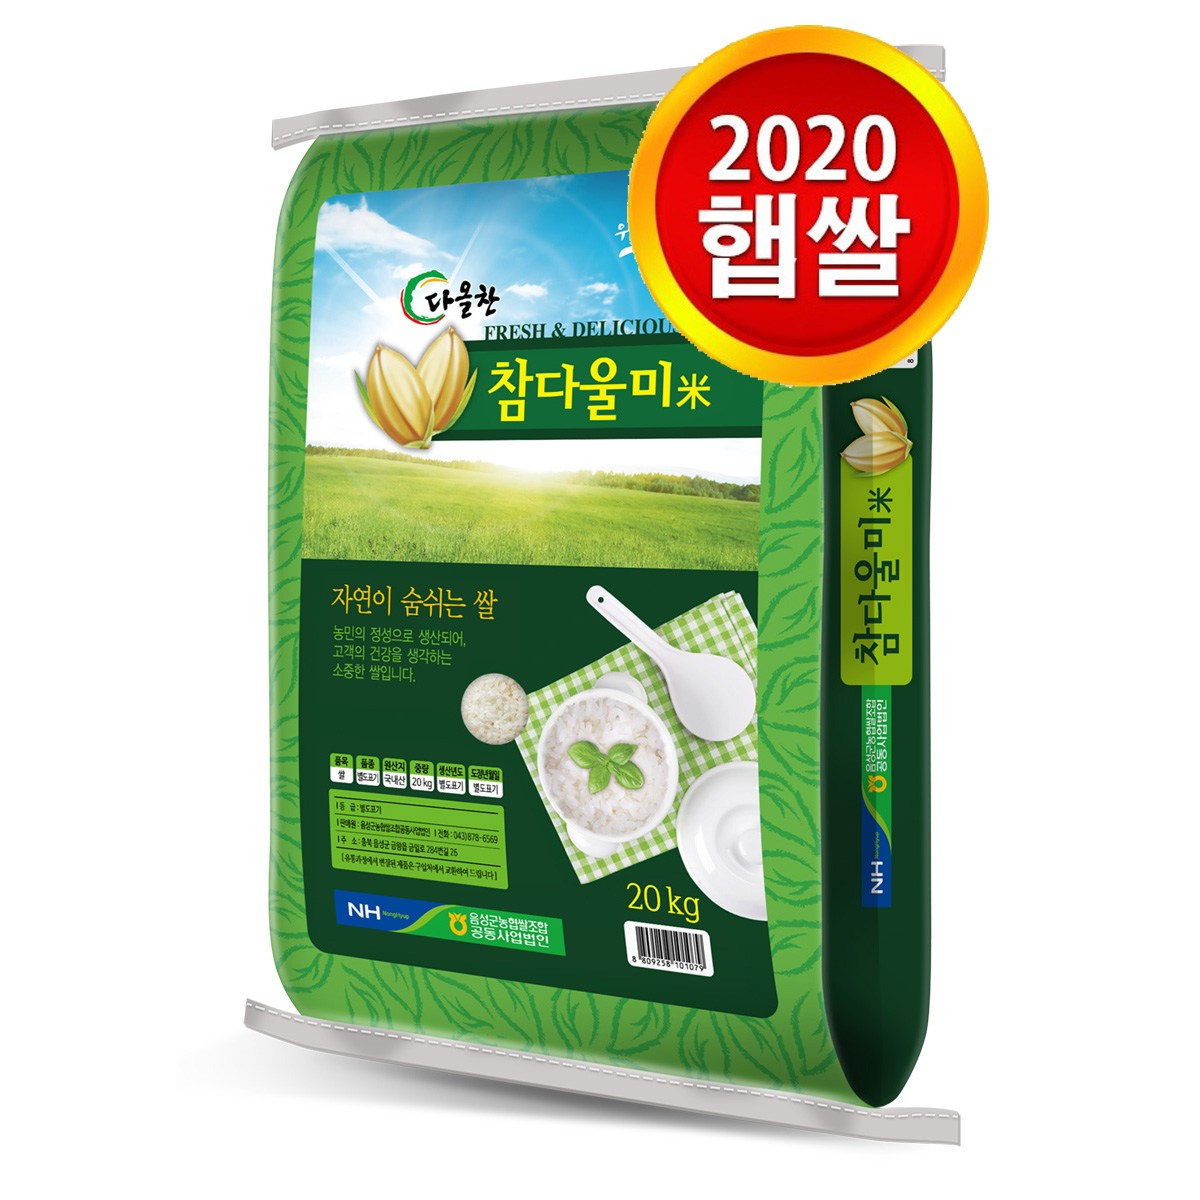 [농협산지직송] 2020년산 참다울미쌀, 1개, 20kg